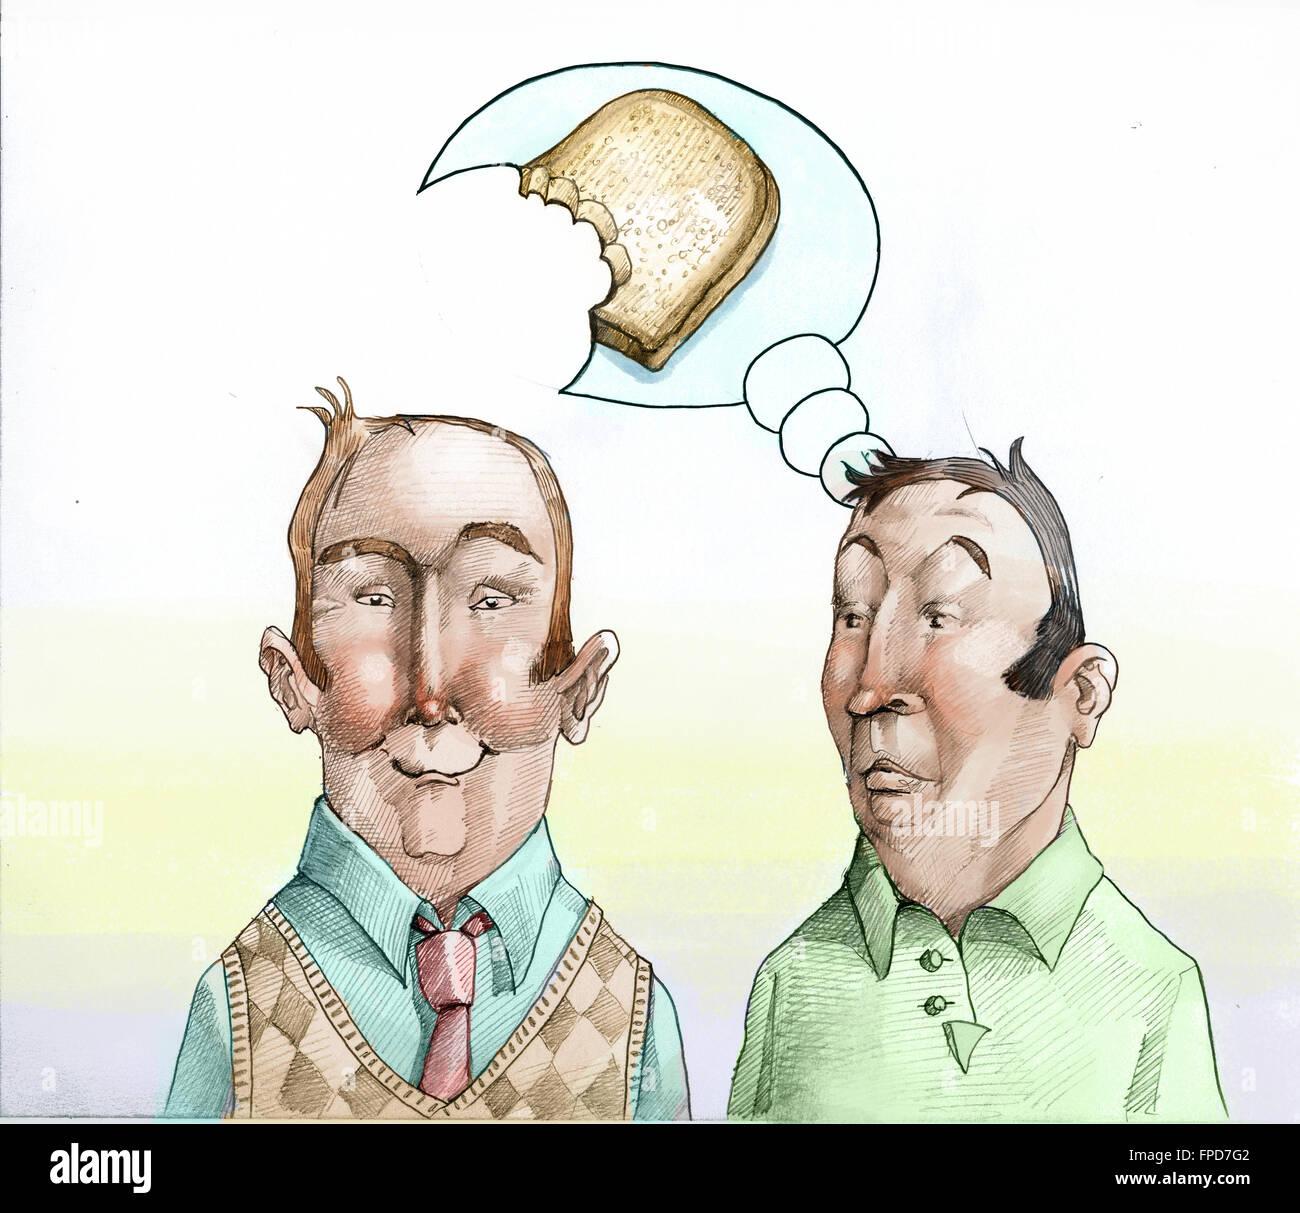 zwei Männer in das Gesicht gesehen, stellt sich eine einer Scheibe Brot, der andere nimmt einen Bissen bei Stockbild